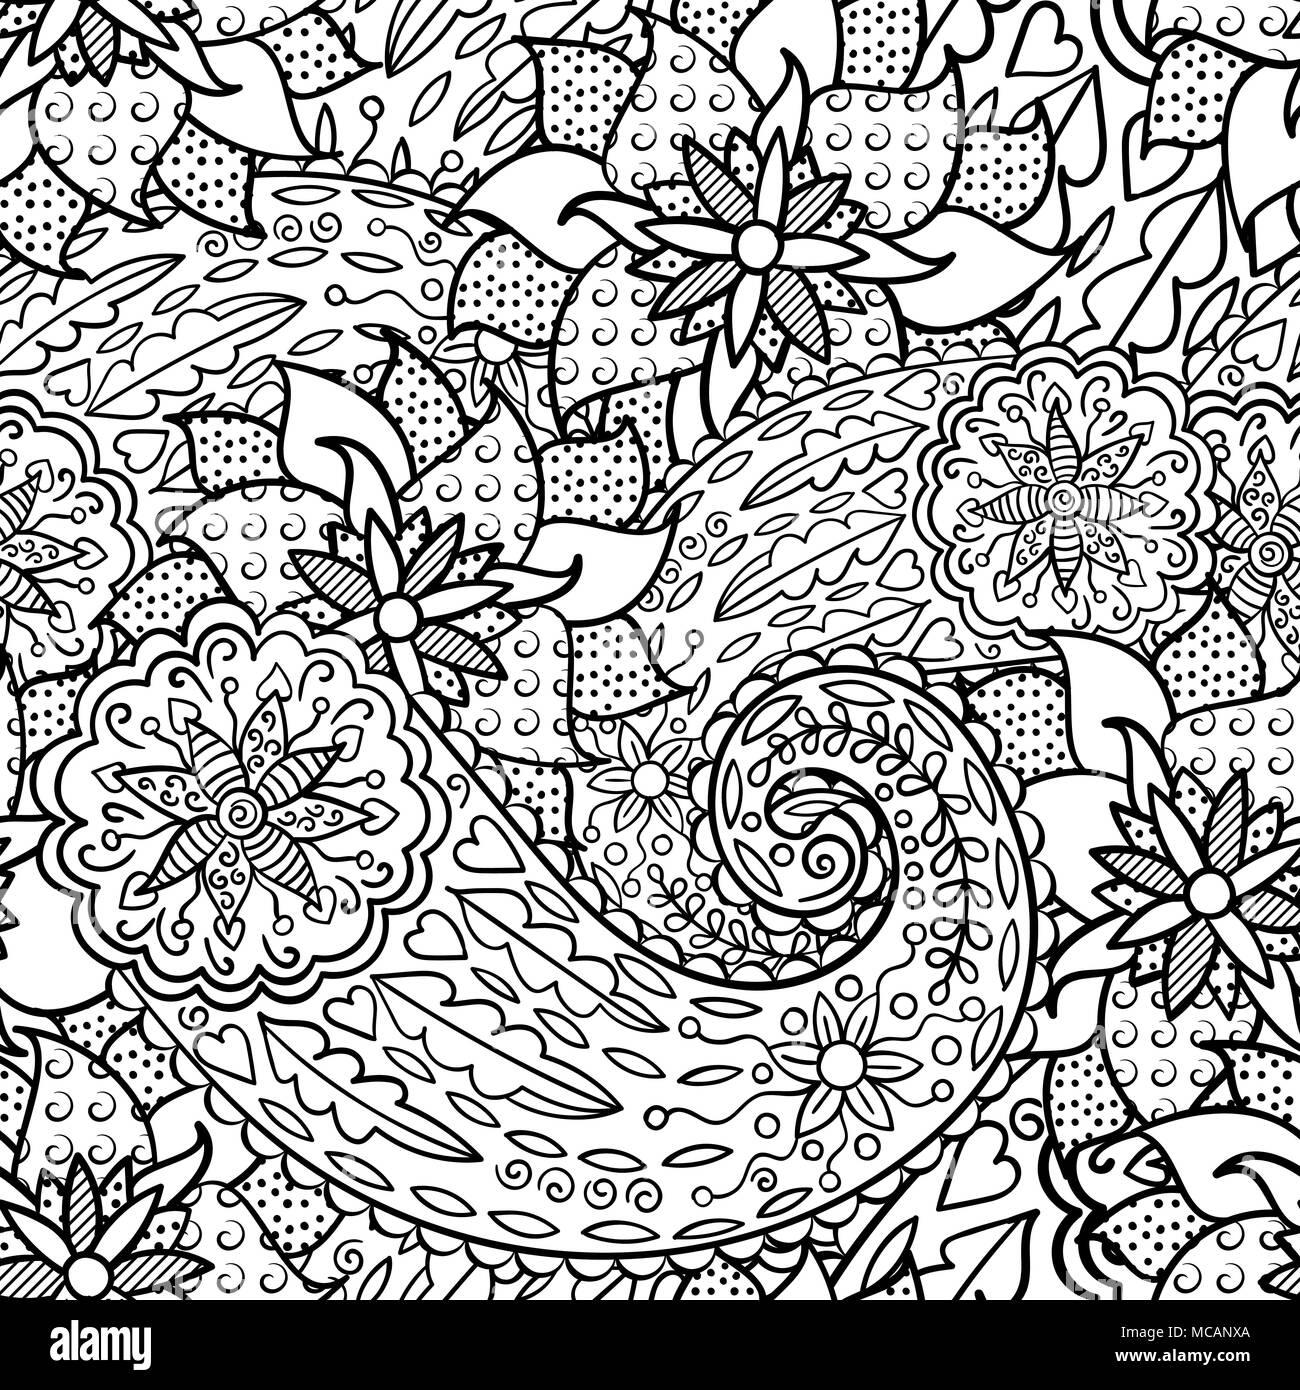 Dibujado a mano el patrón sin fisuras con hojas y flores. Garabatos ...